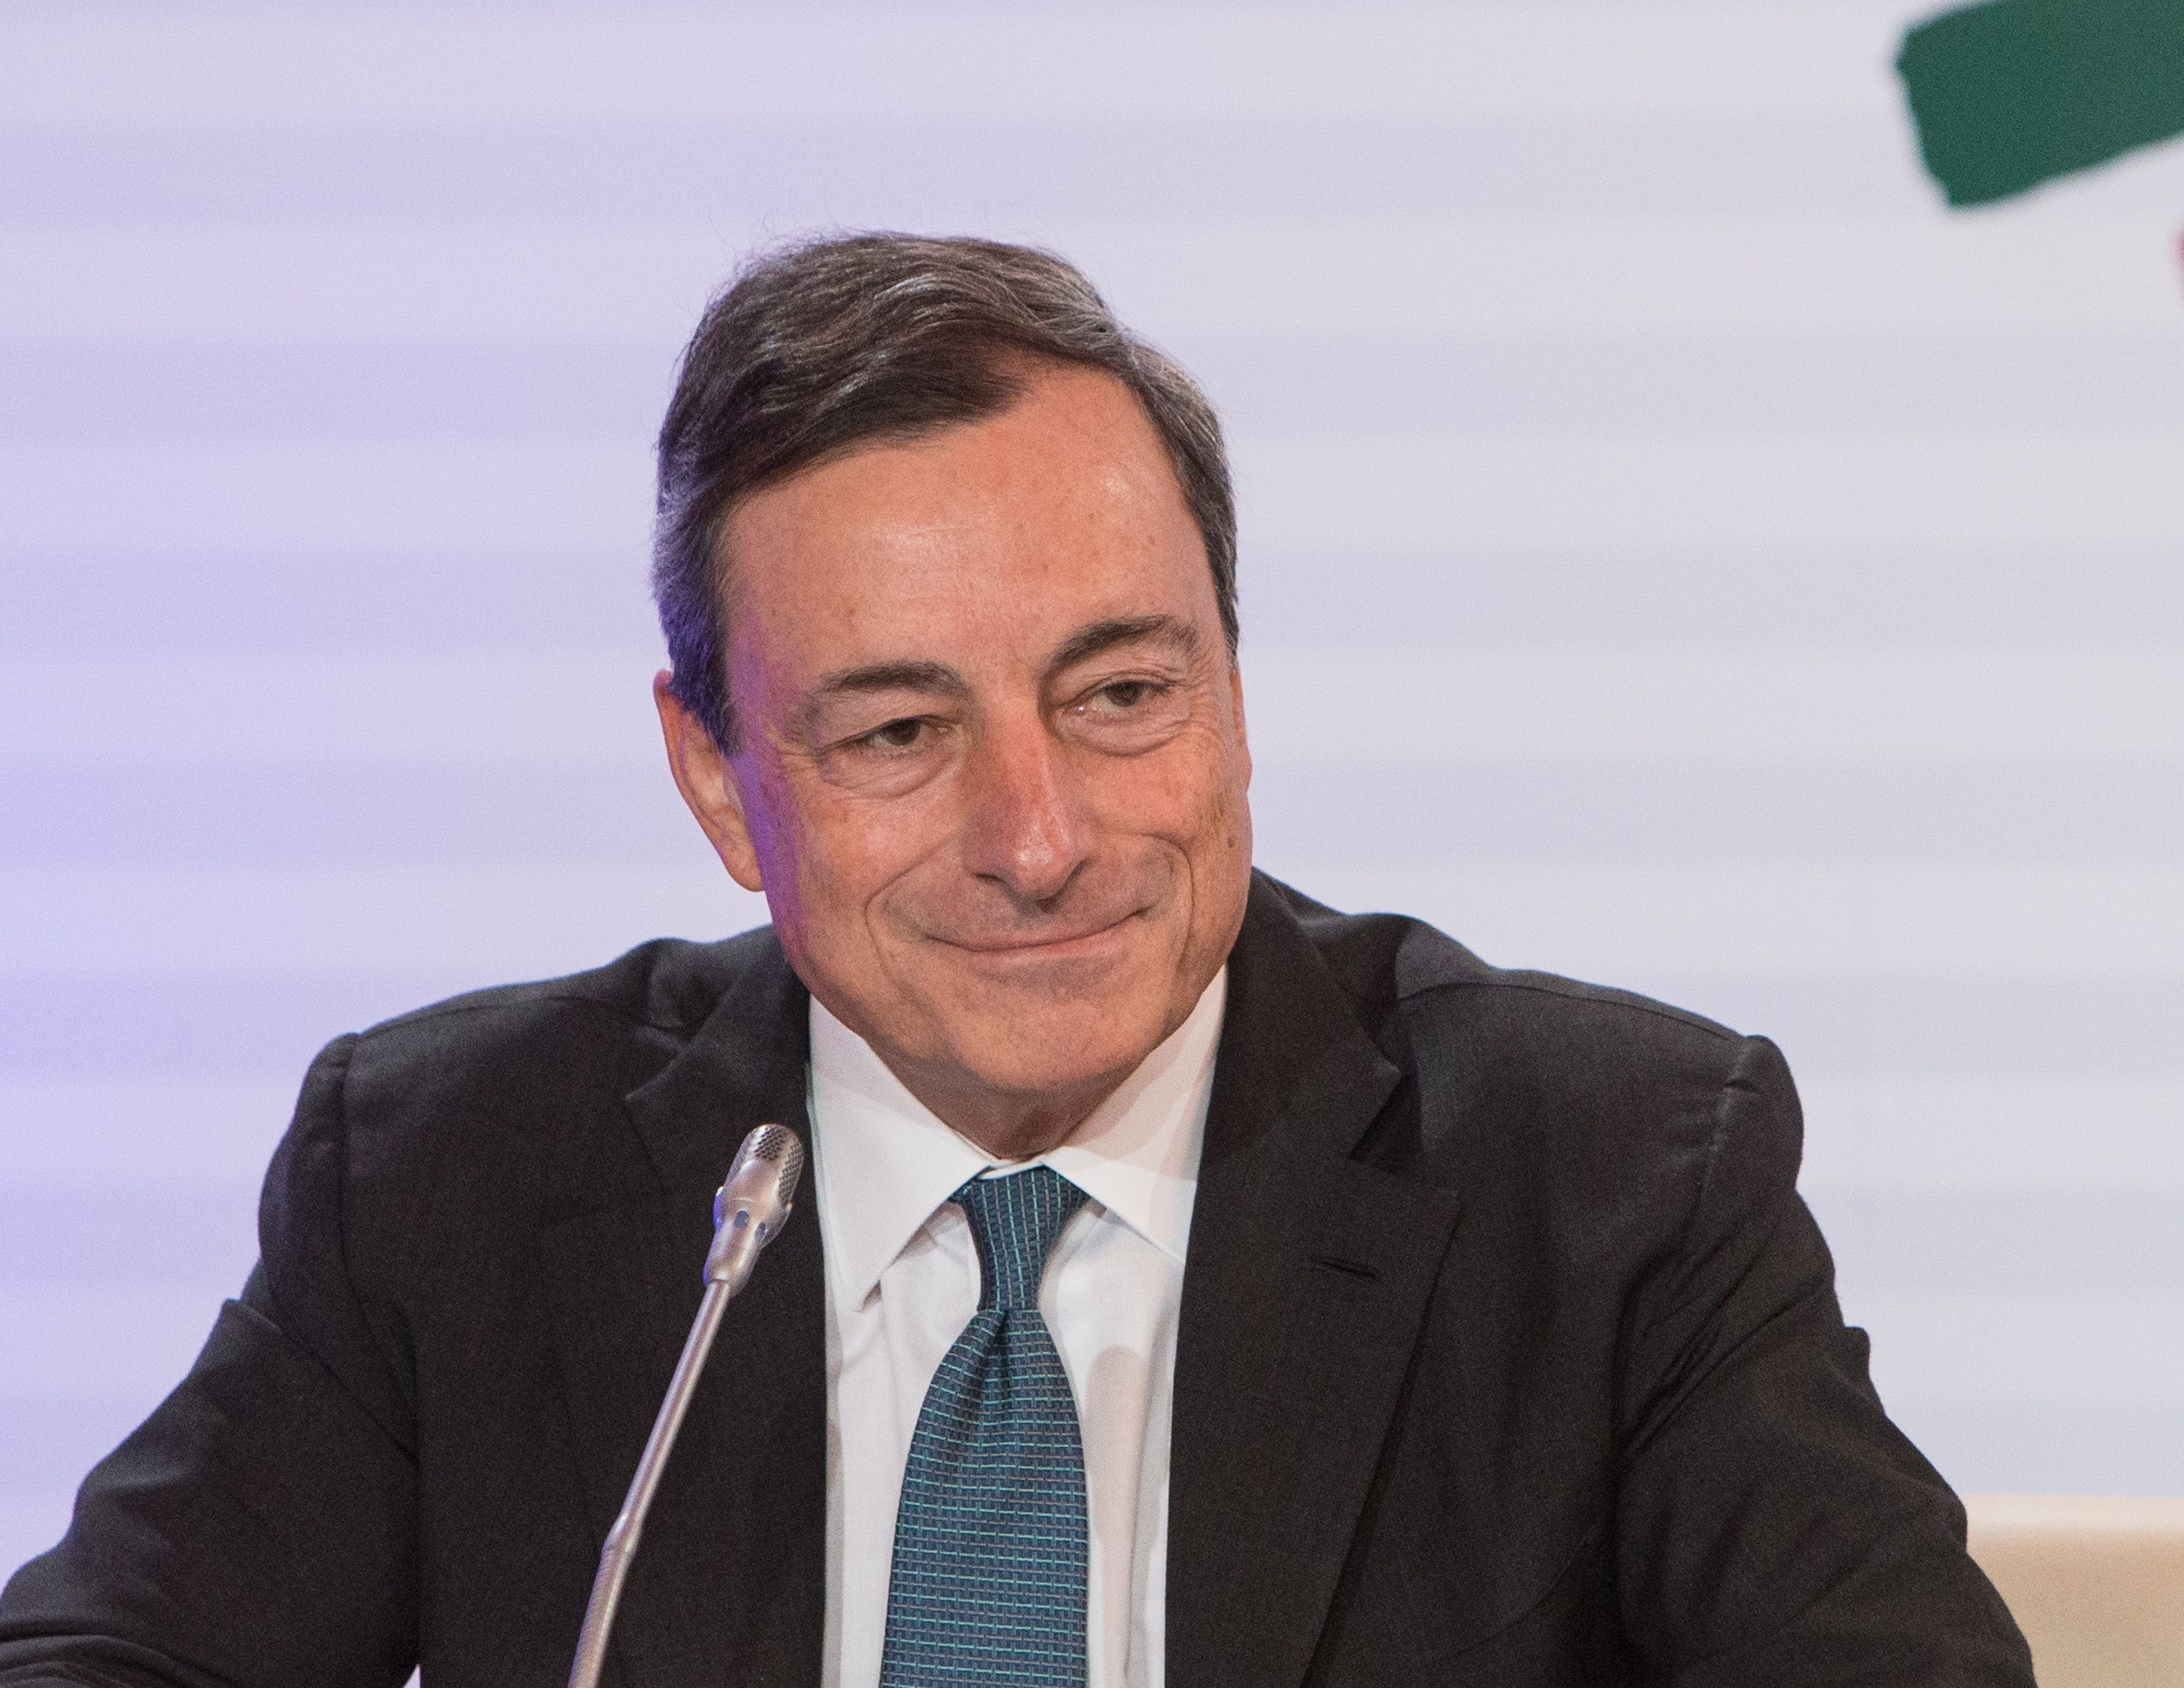 Lūkesčiai dėl ECB sprendimo neįkvepia euro